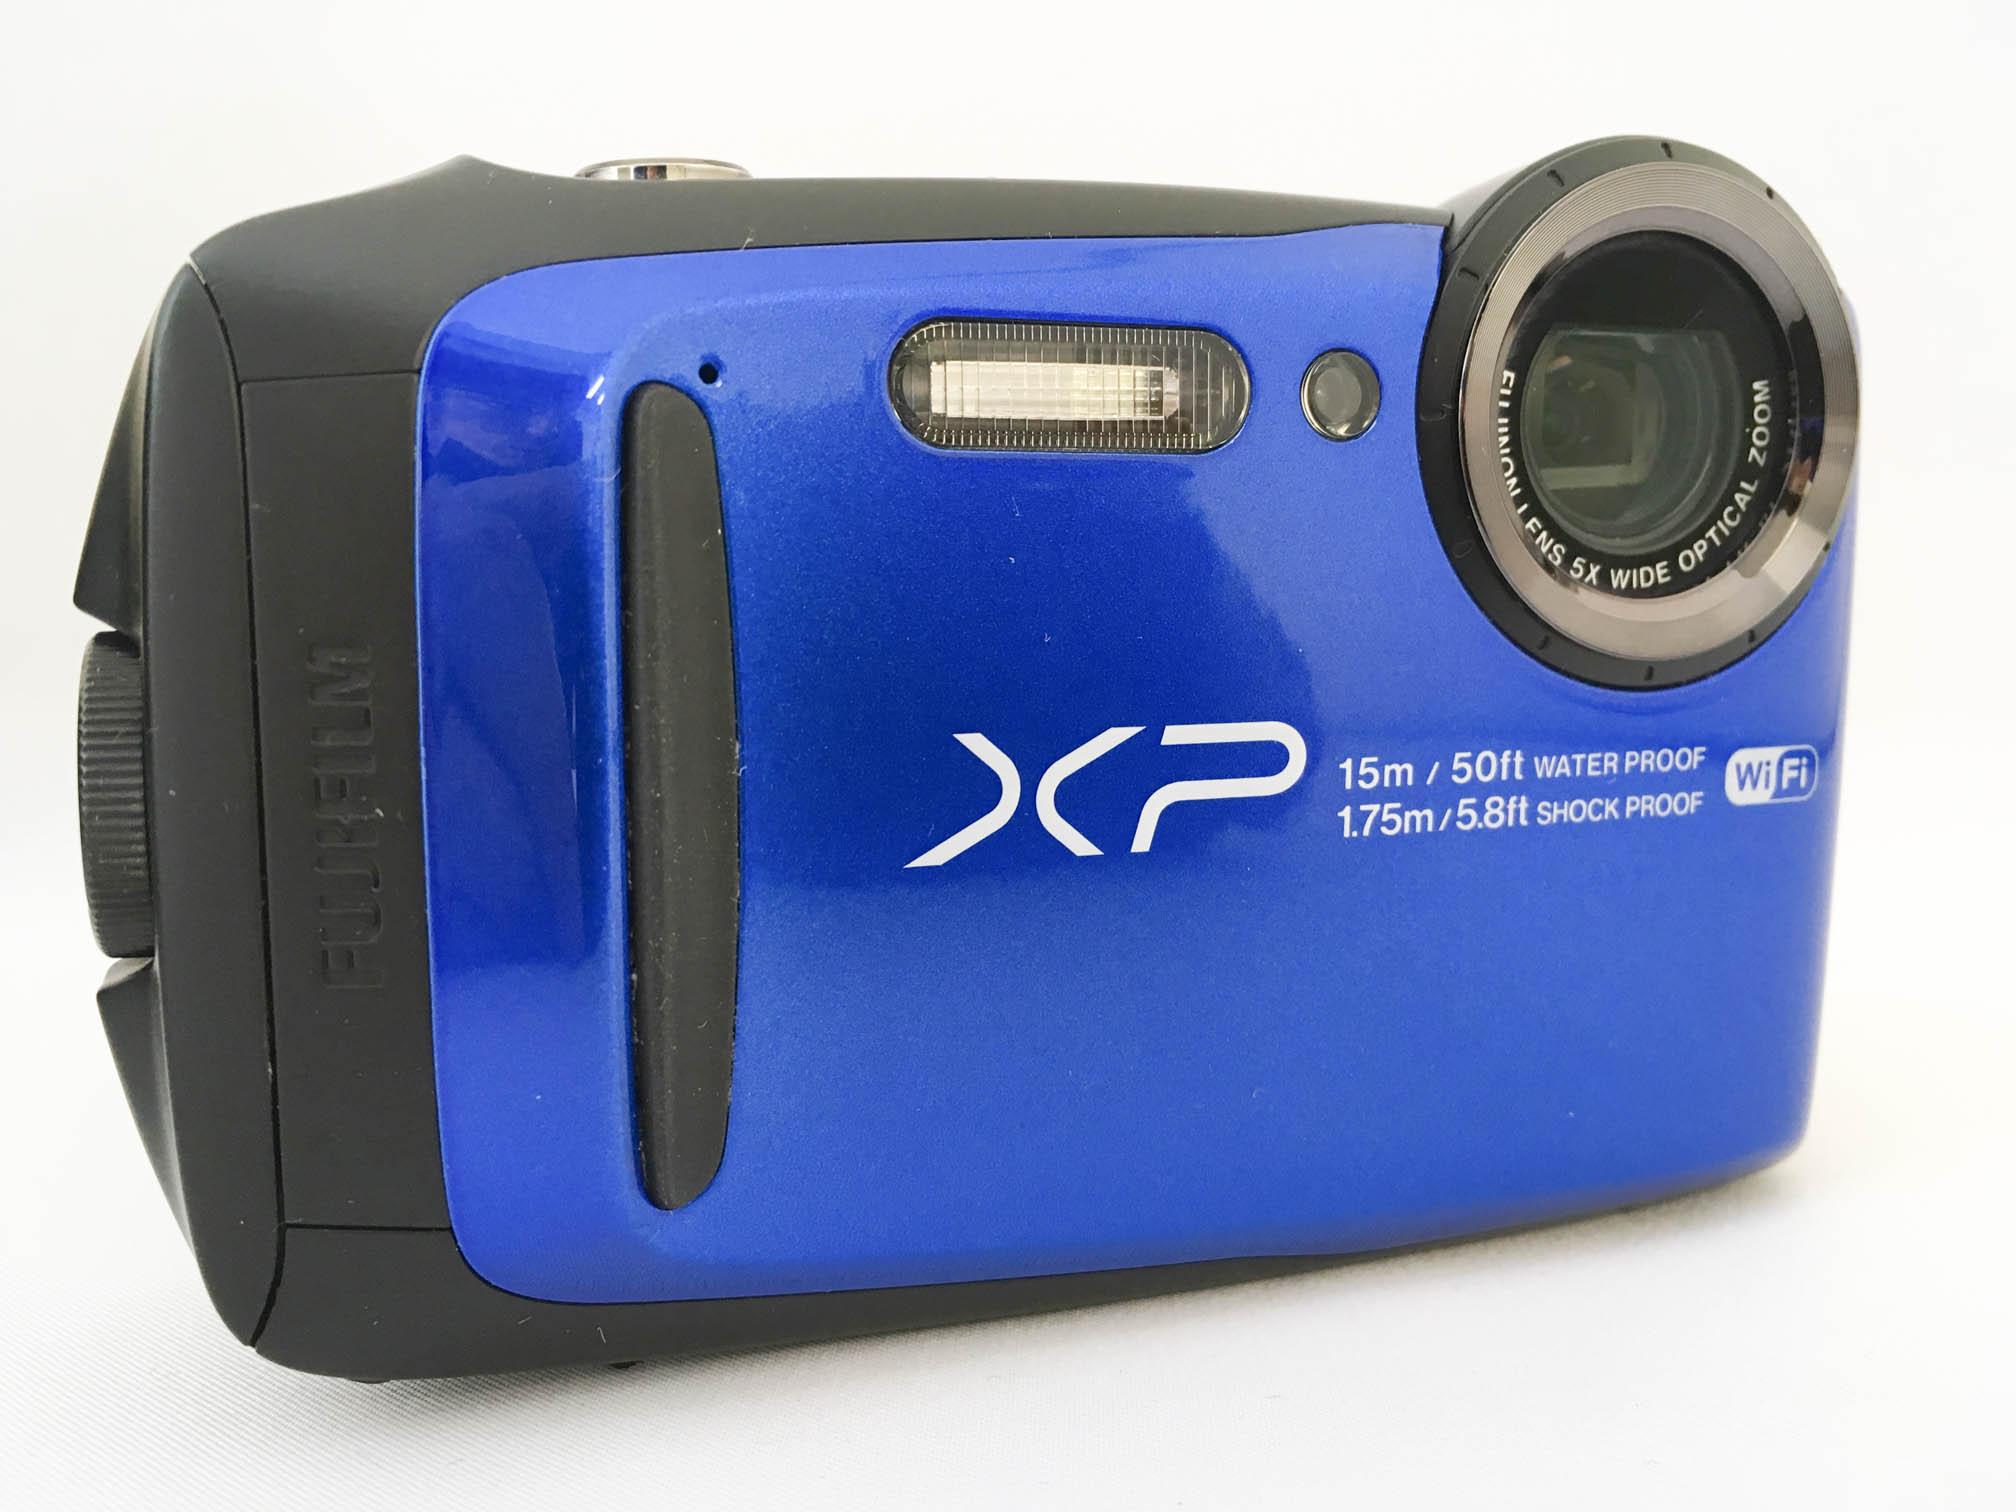 デジタルカメラ FUJIFILM XP90 FinePix FX-XP90LM 【送料無料】 防水 ファインピックス ライム 富士フィルム